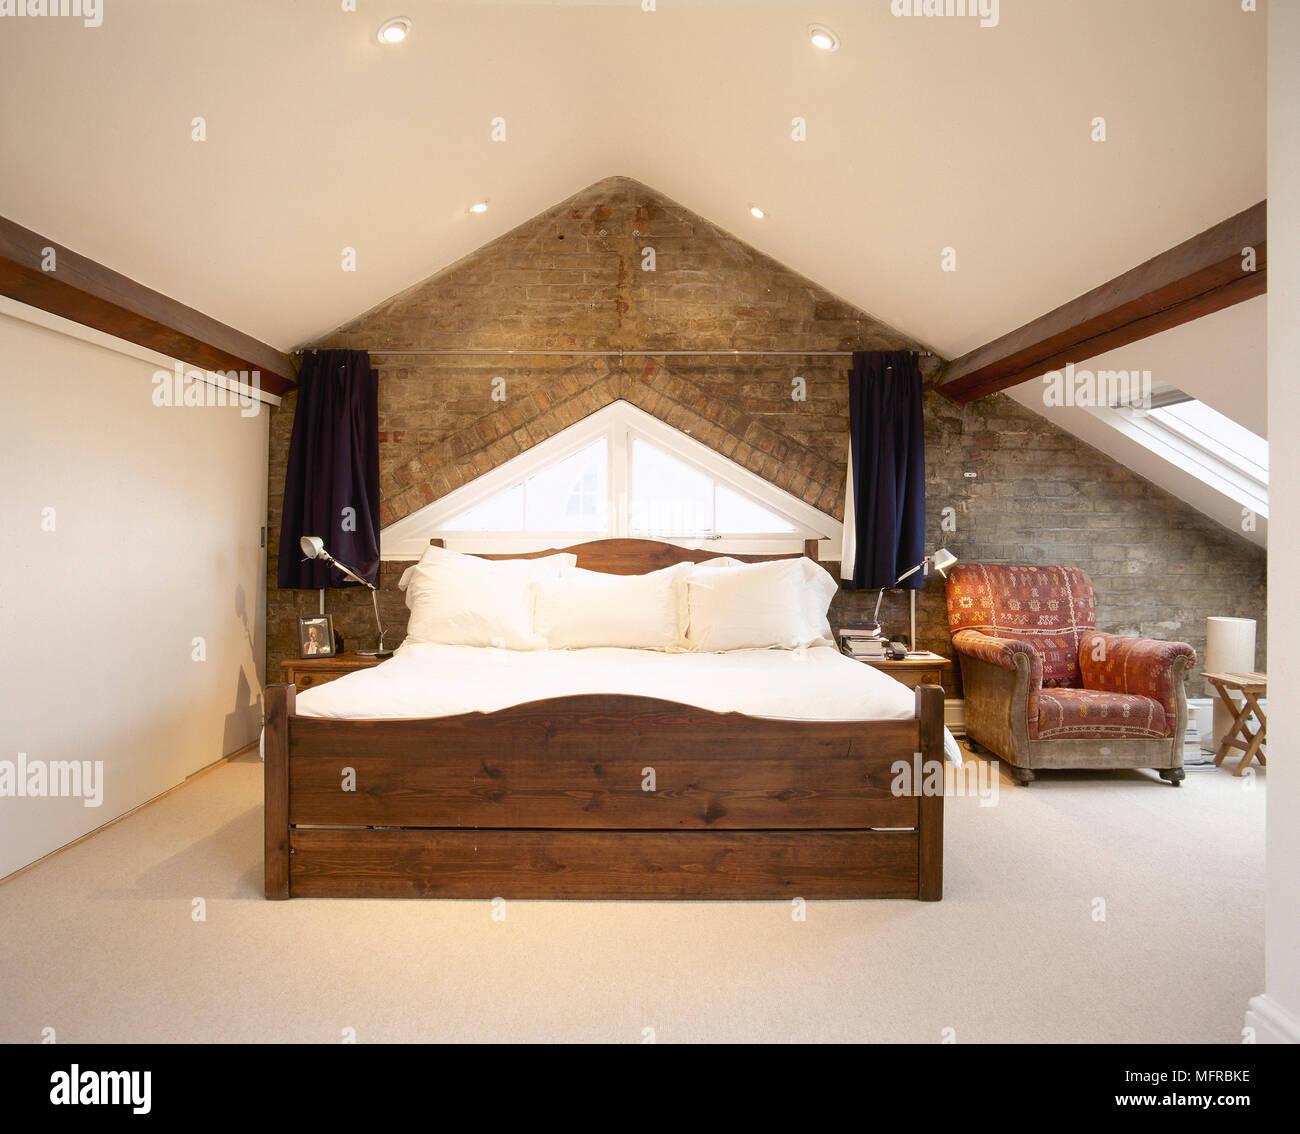 Farbgestaltung Schlafzimmer Mit Dachschräge: Dachschräge Schlafzimmer